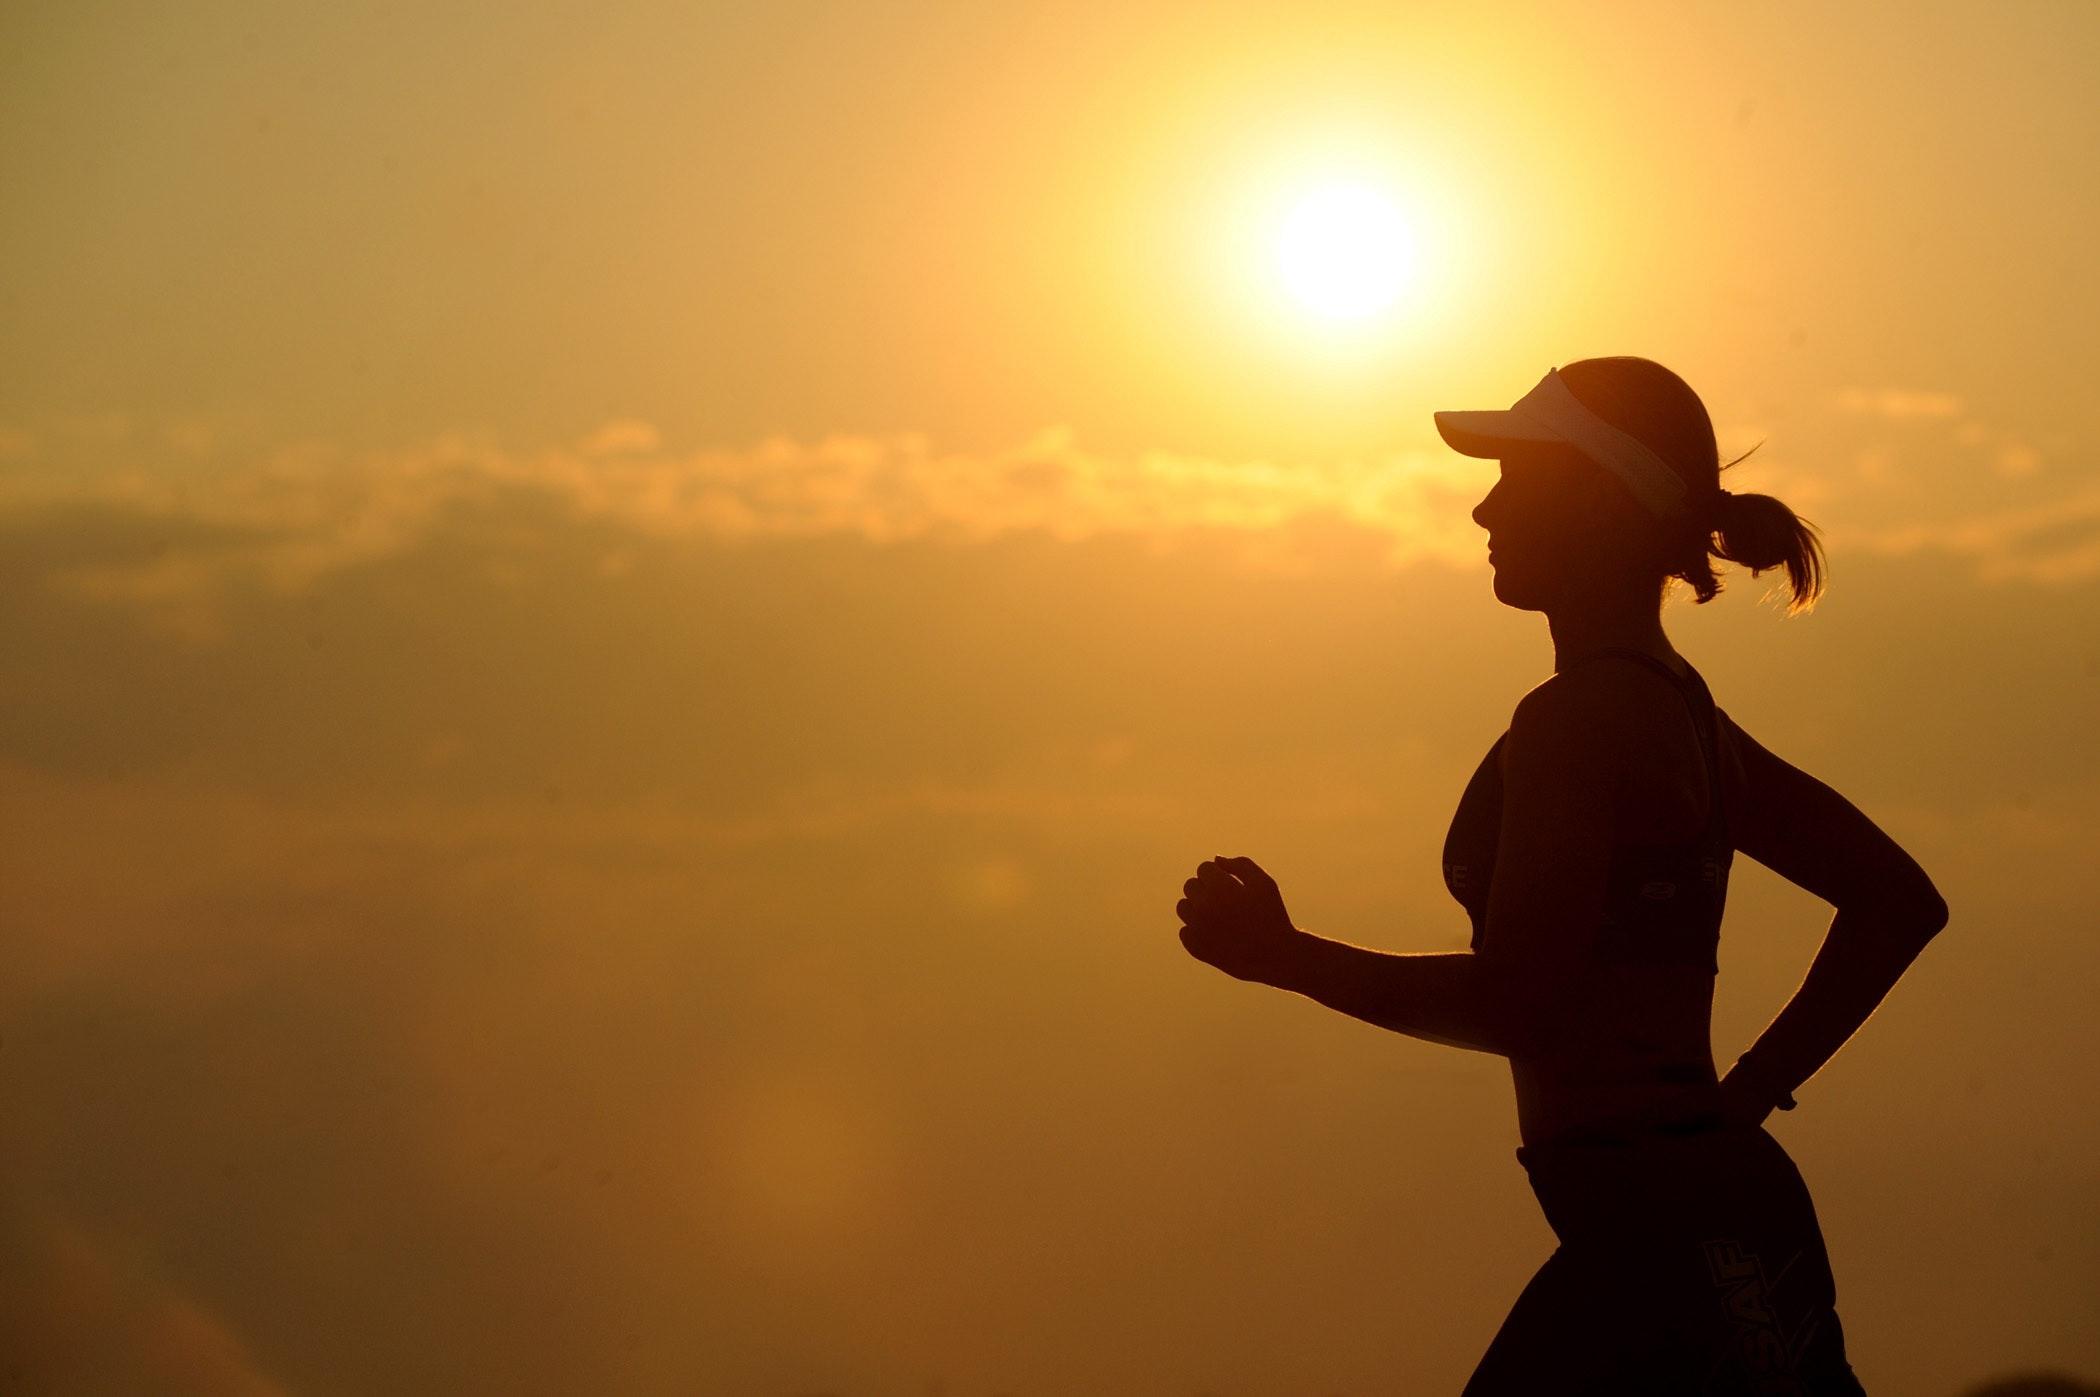 Ung kvinne løper i soloppgang